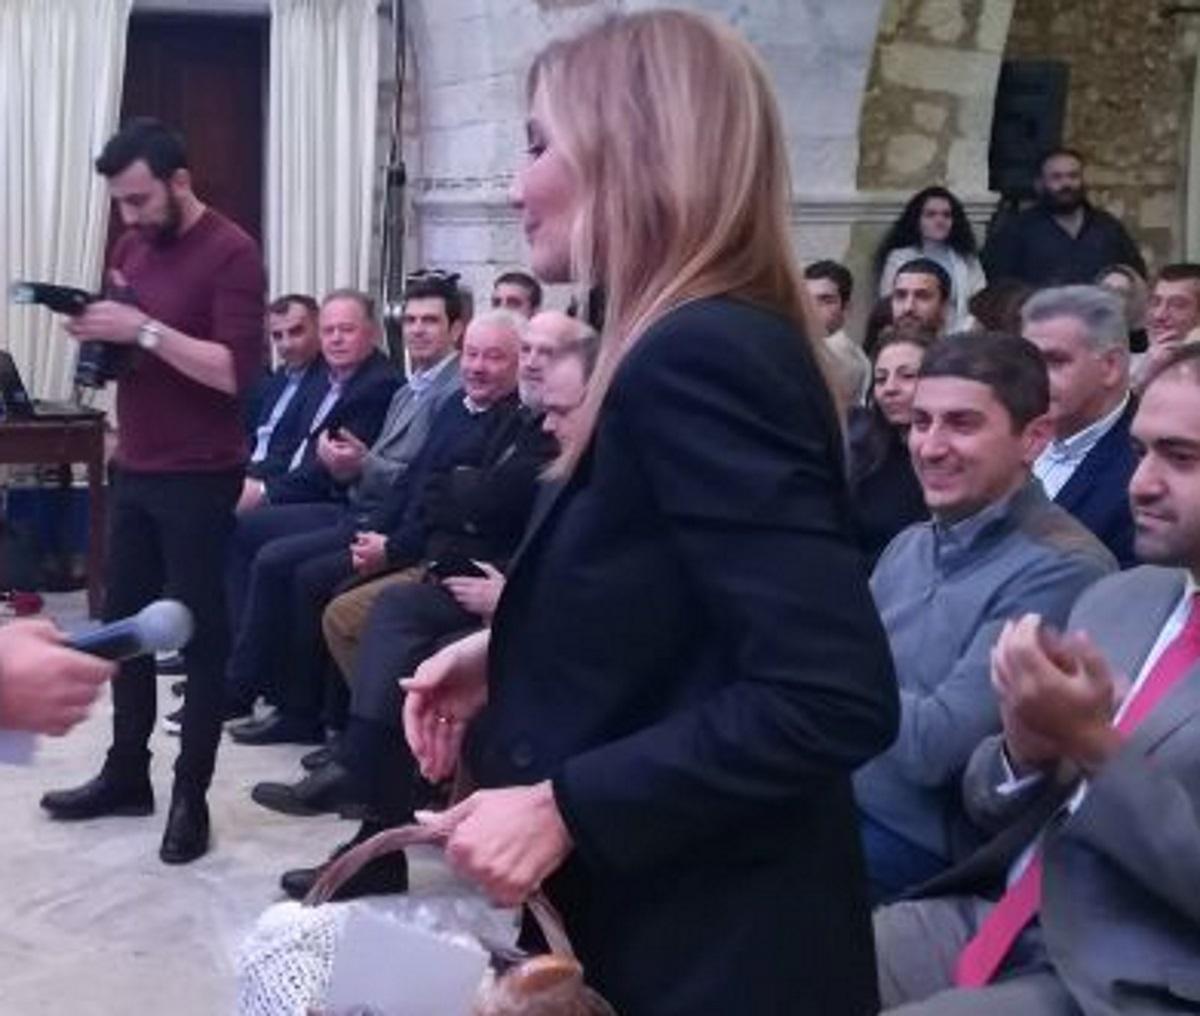 Ρέθυμνο: Η μαντινάδα που έκανε την Μαρέβα Μητσοτάκη να χαμογελάσει – Οι στίχοι που συζητήθηκαν [pics]